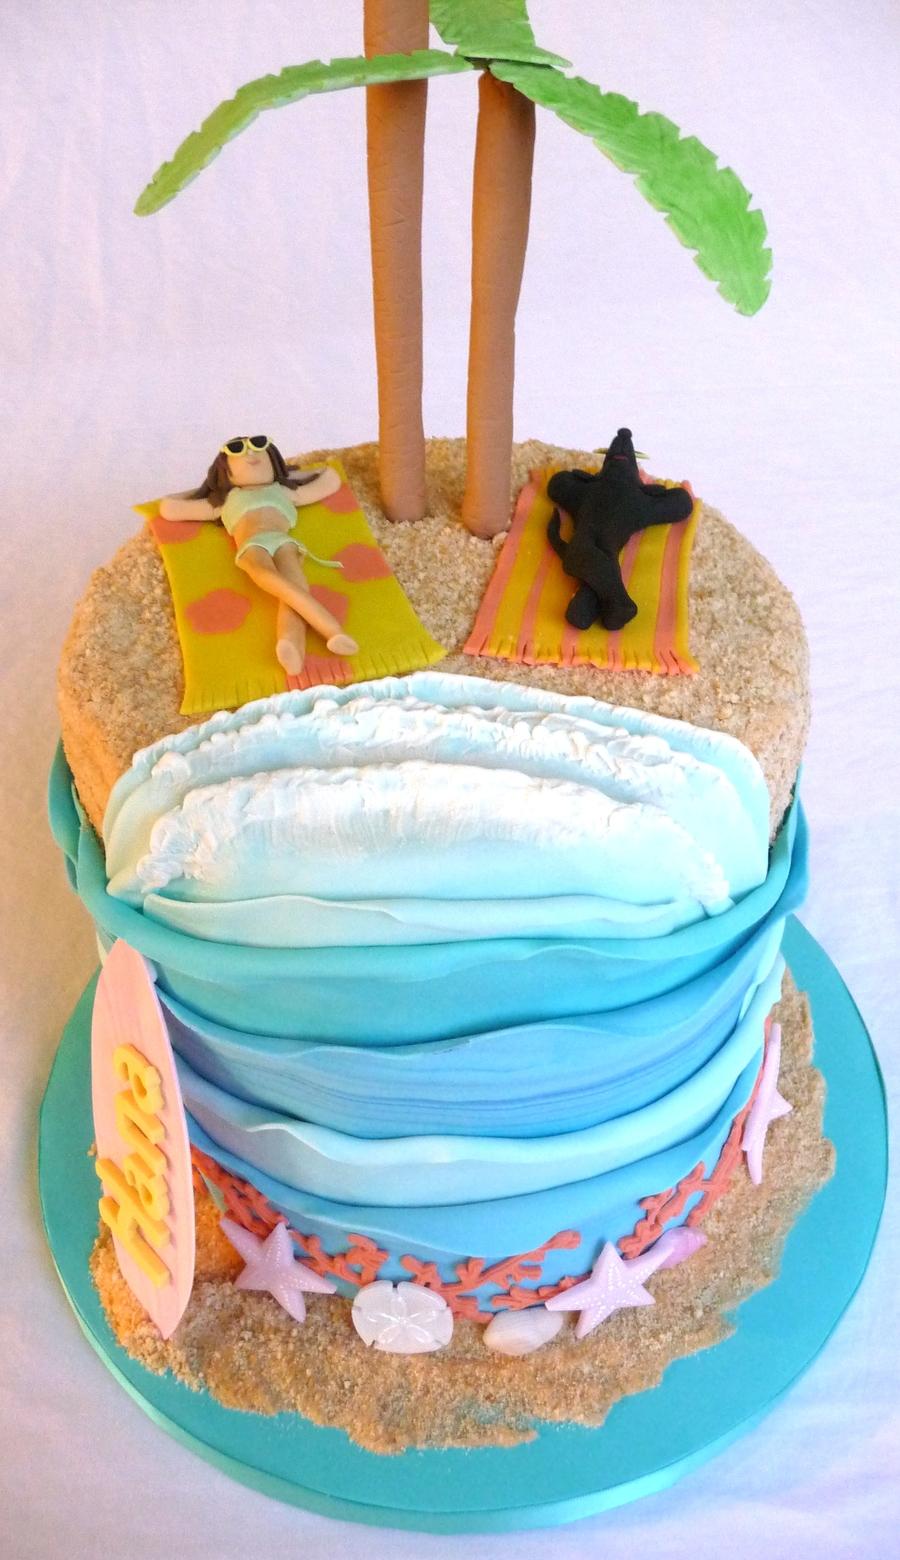 Cake Decorations Beach Theme : Beach Theme Cake - CakeCentral.com